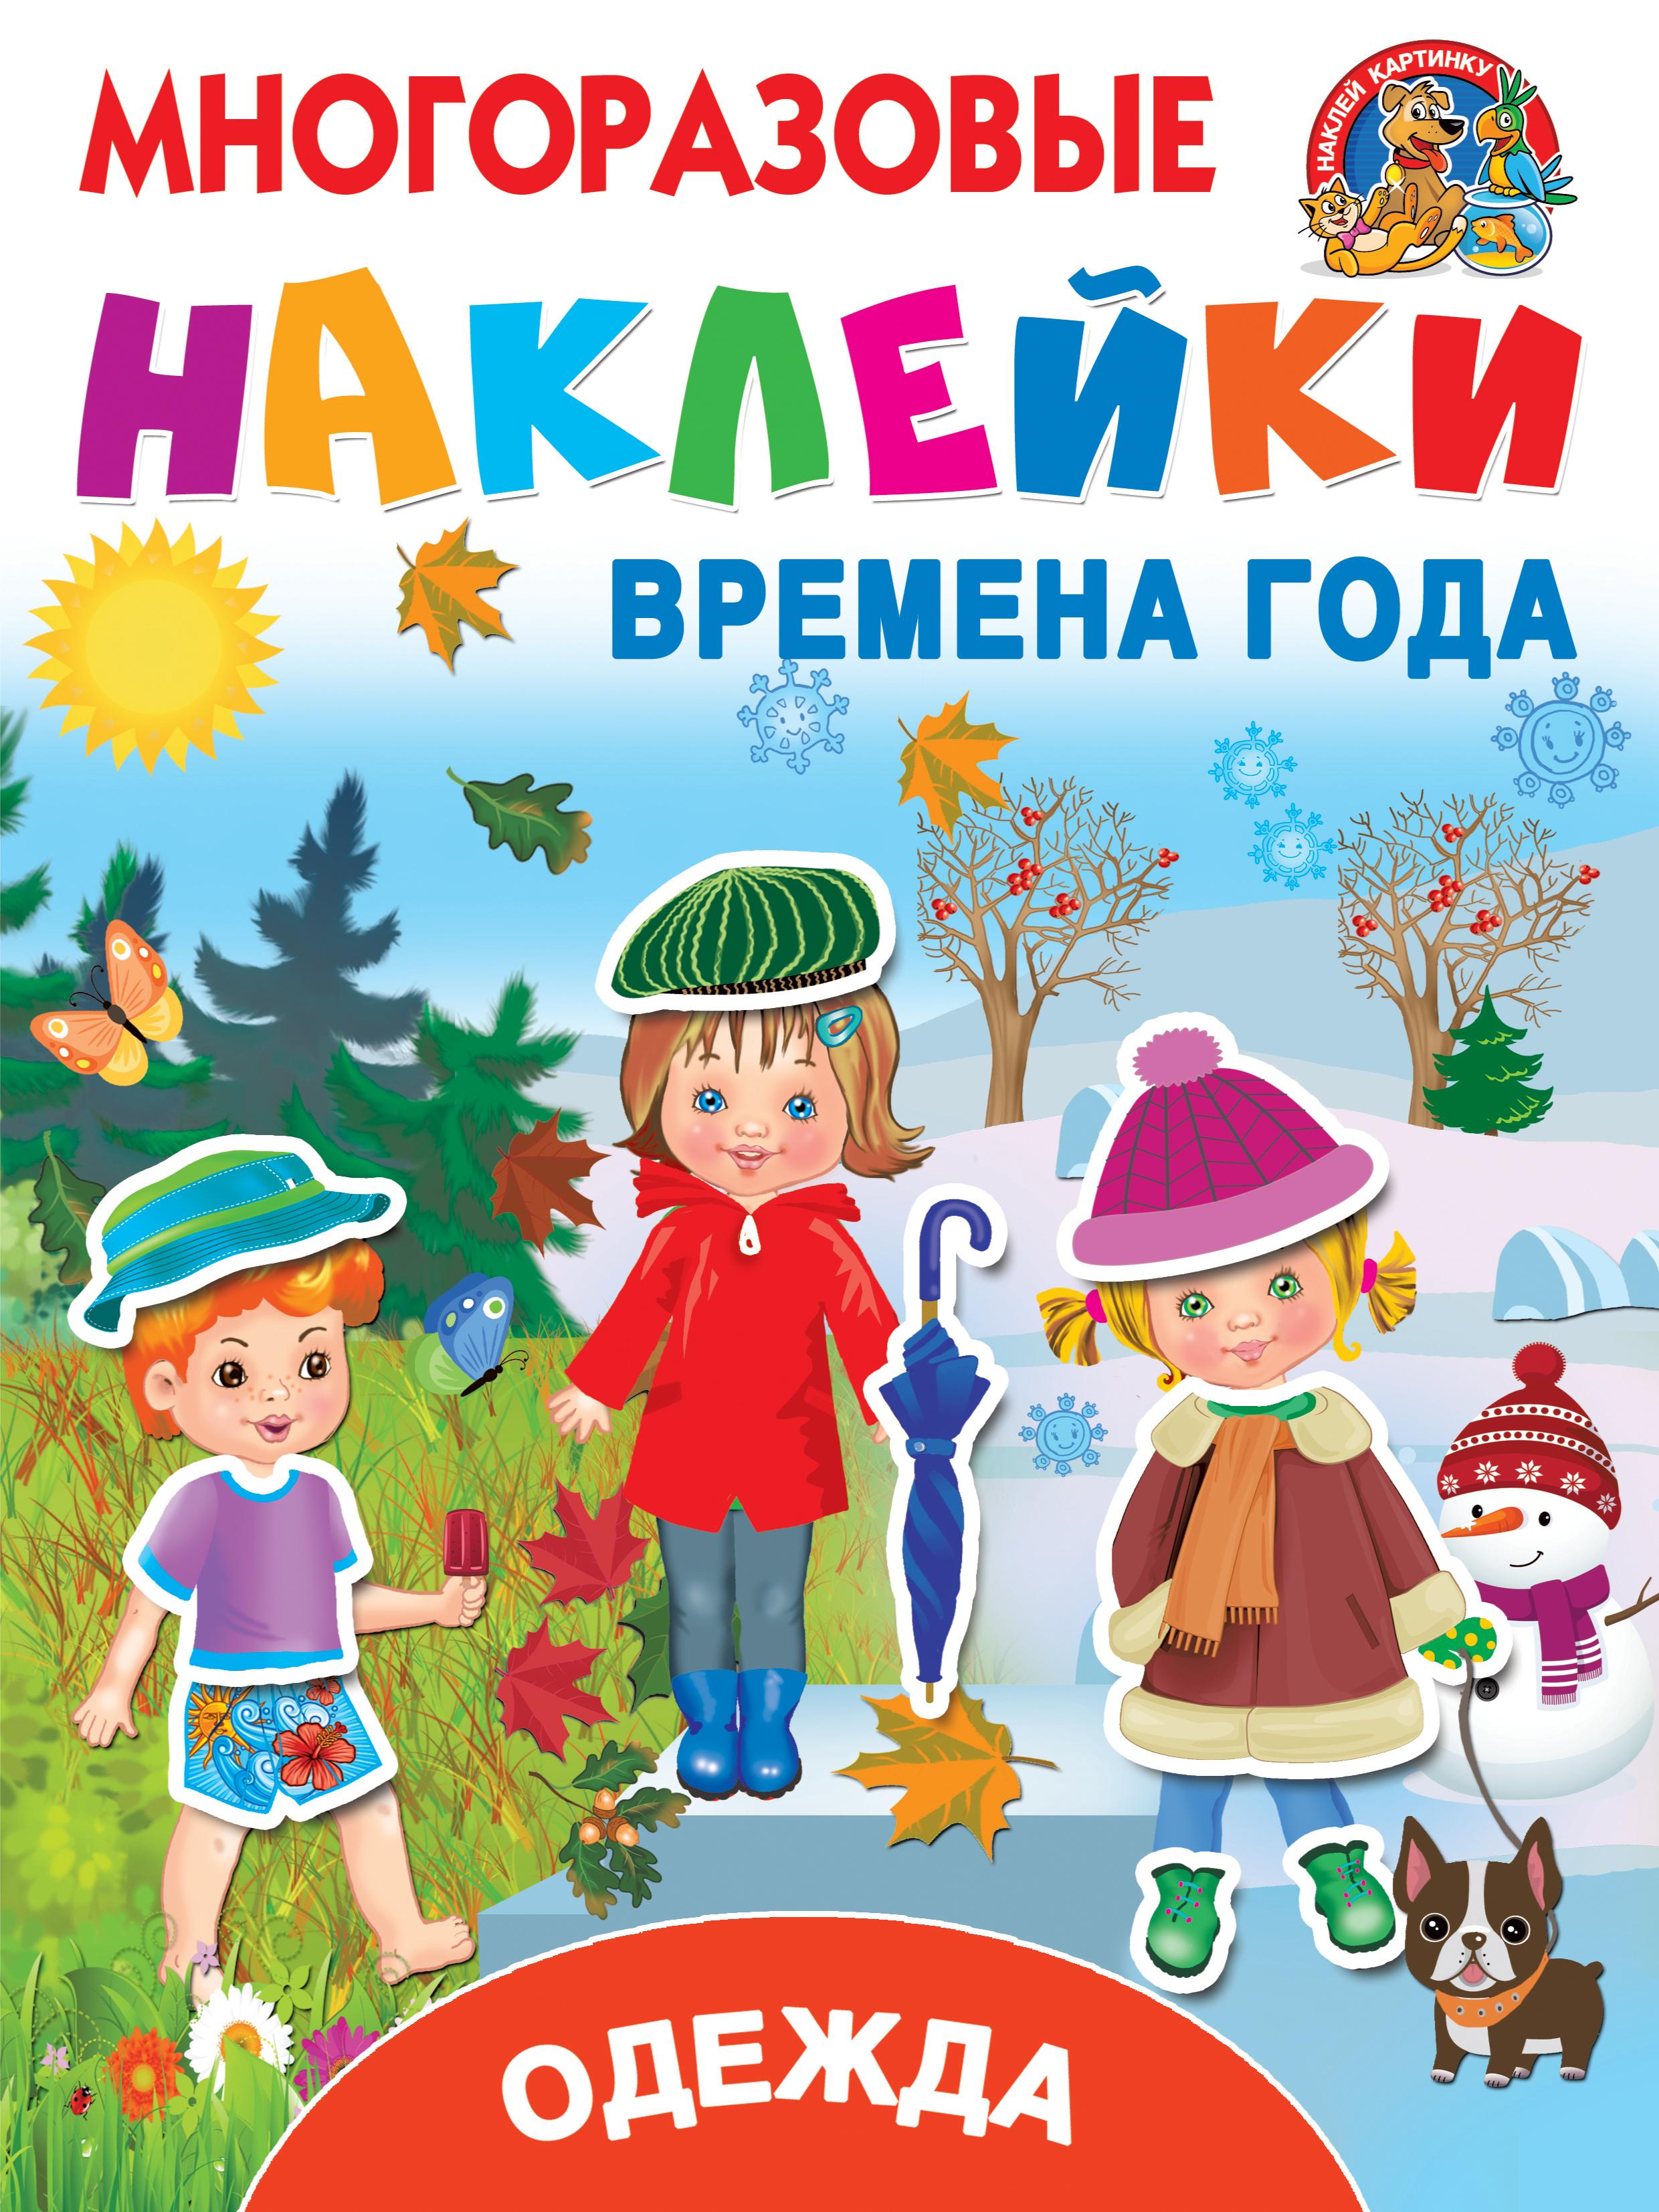 Горбунова И.В., Дмитриева В.Г. Одежда и времена года